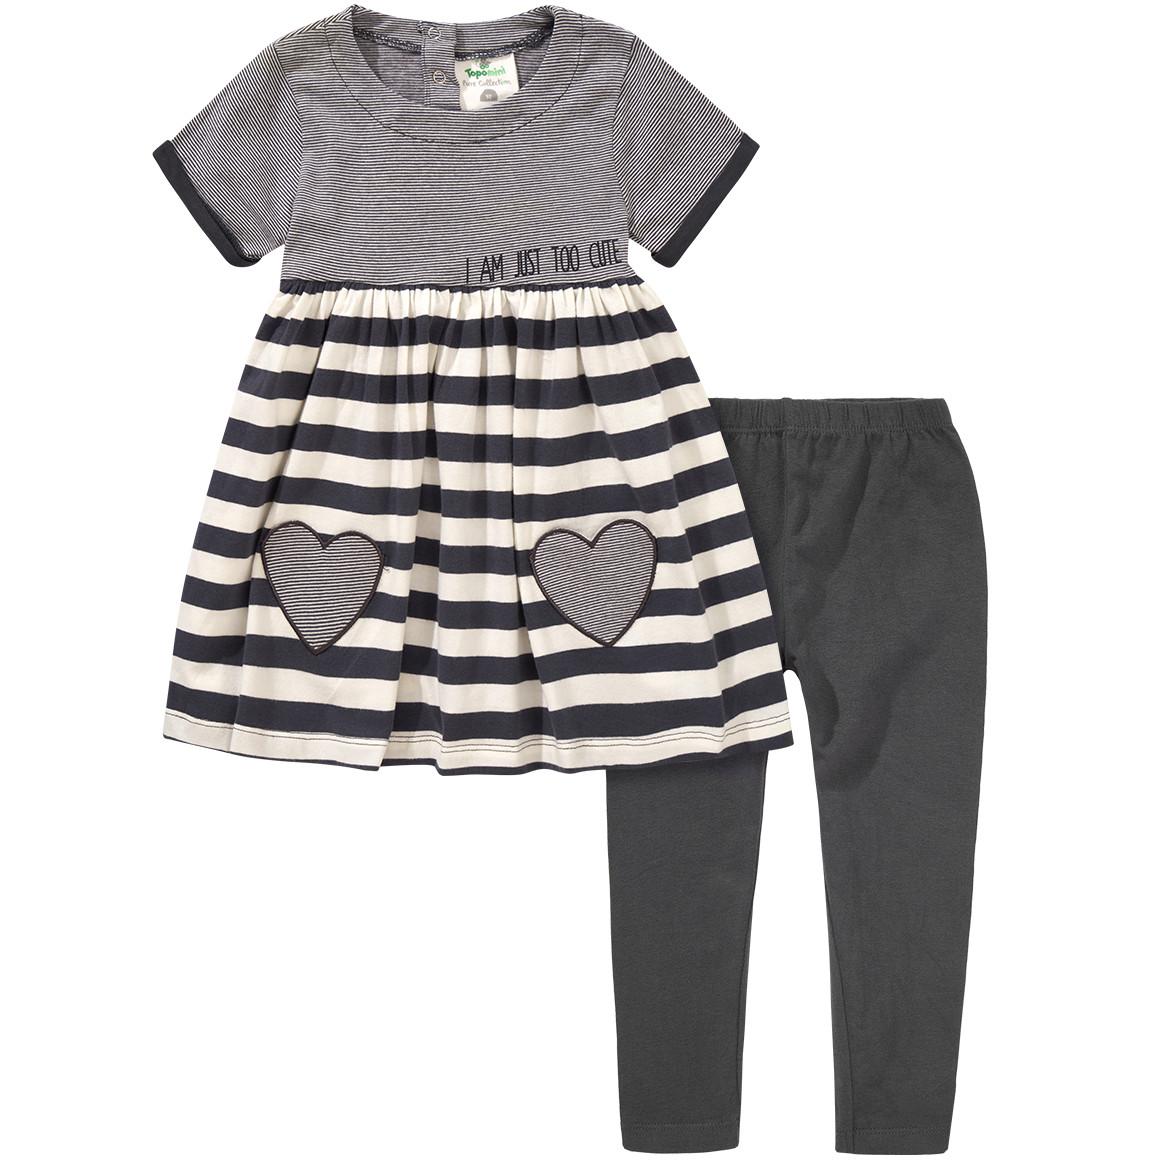 grauen kleid mit schwarzer leggins